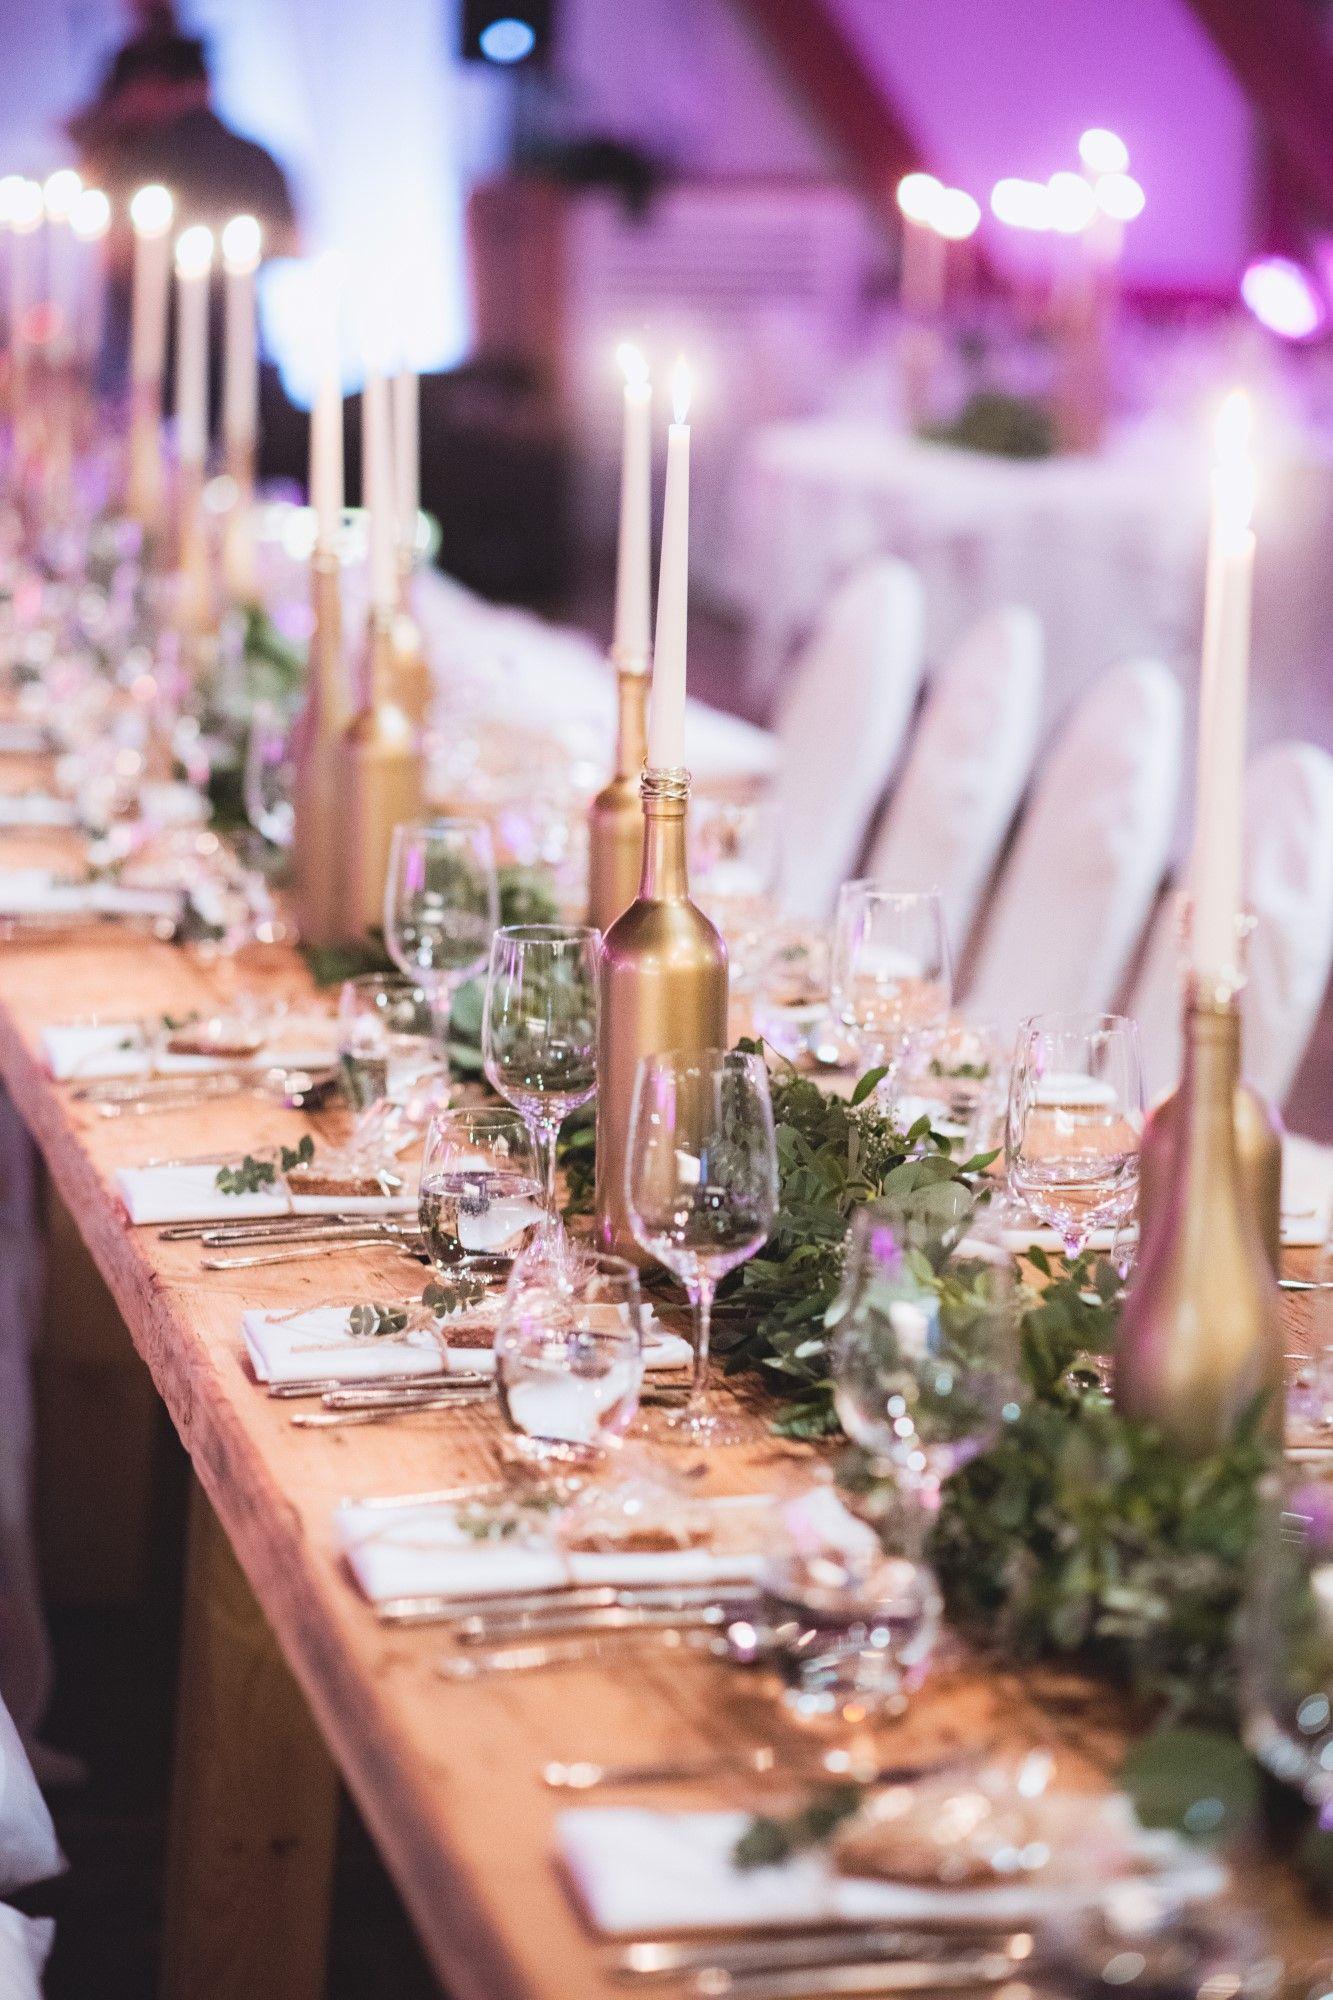 Hochzeitsdekoration #DIY #Vintage #Gold #Bottles #jbhochzeitsfotografie   – My Work: Hochzeitsfeier & Hochzeitsdekoration